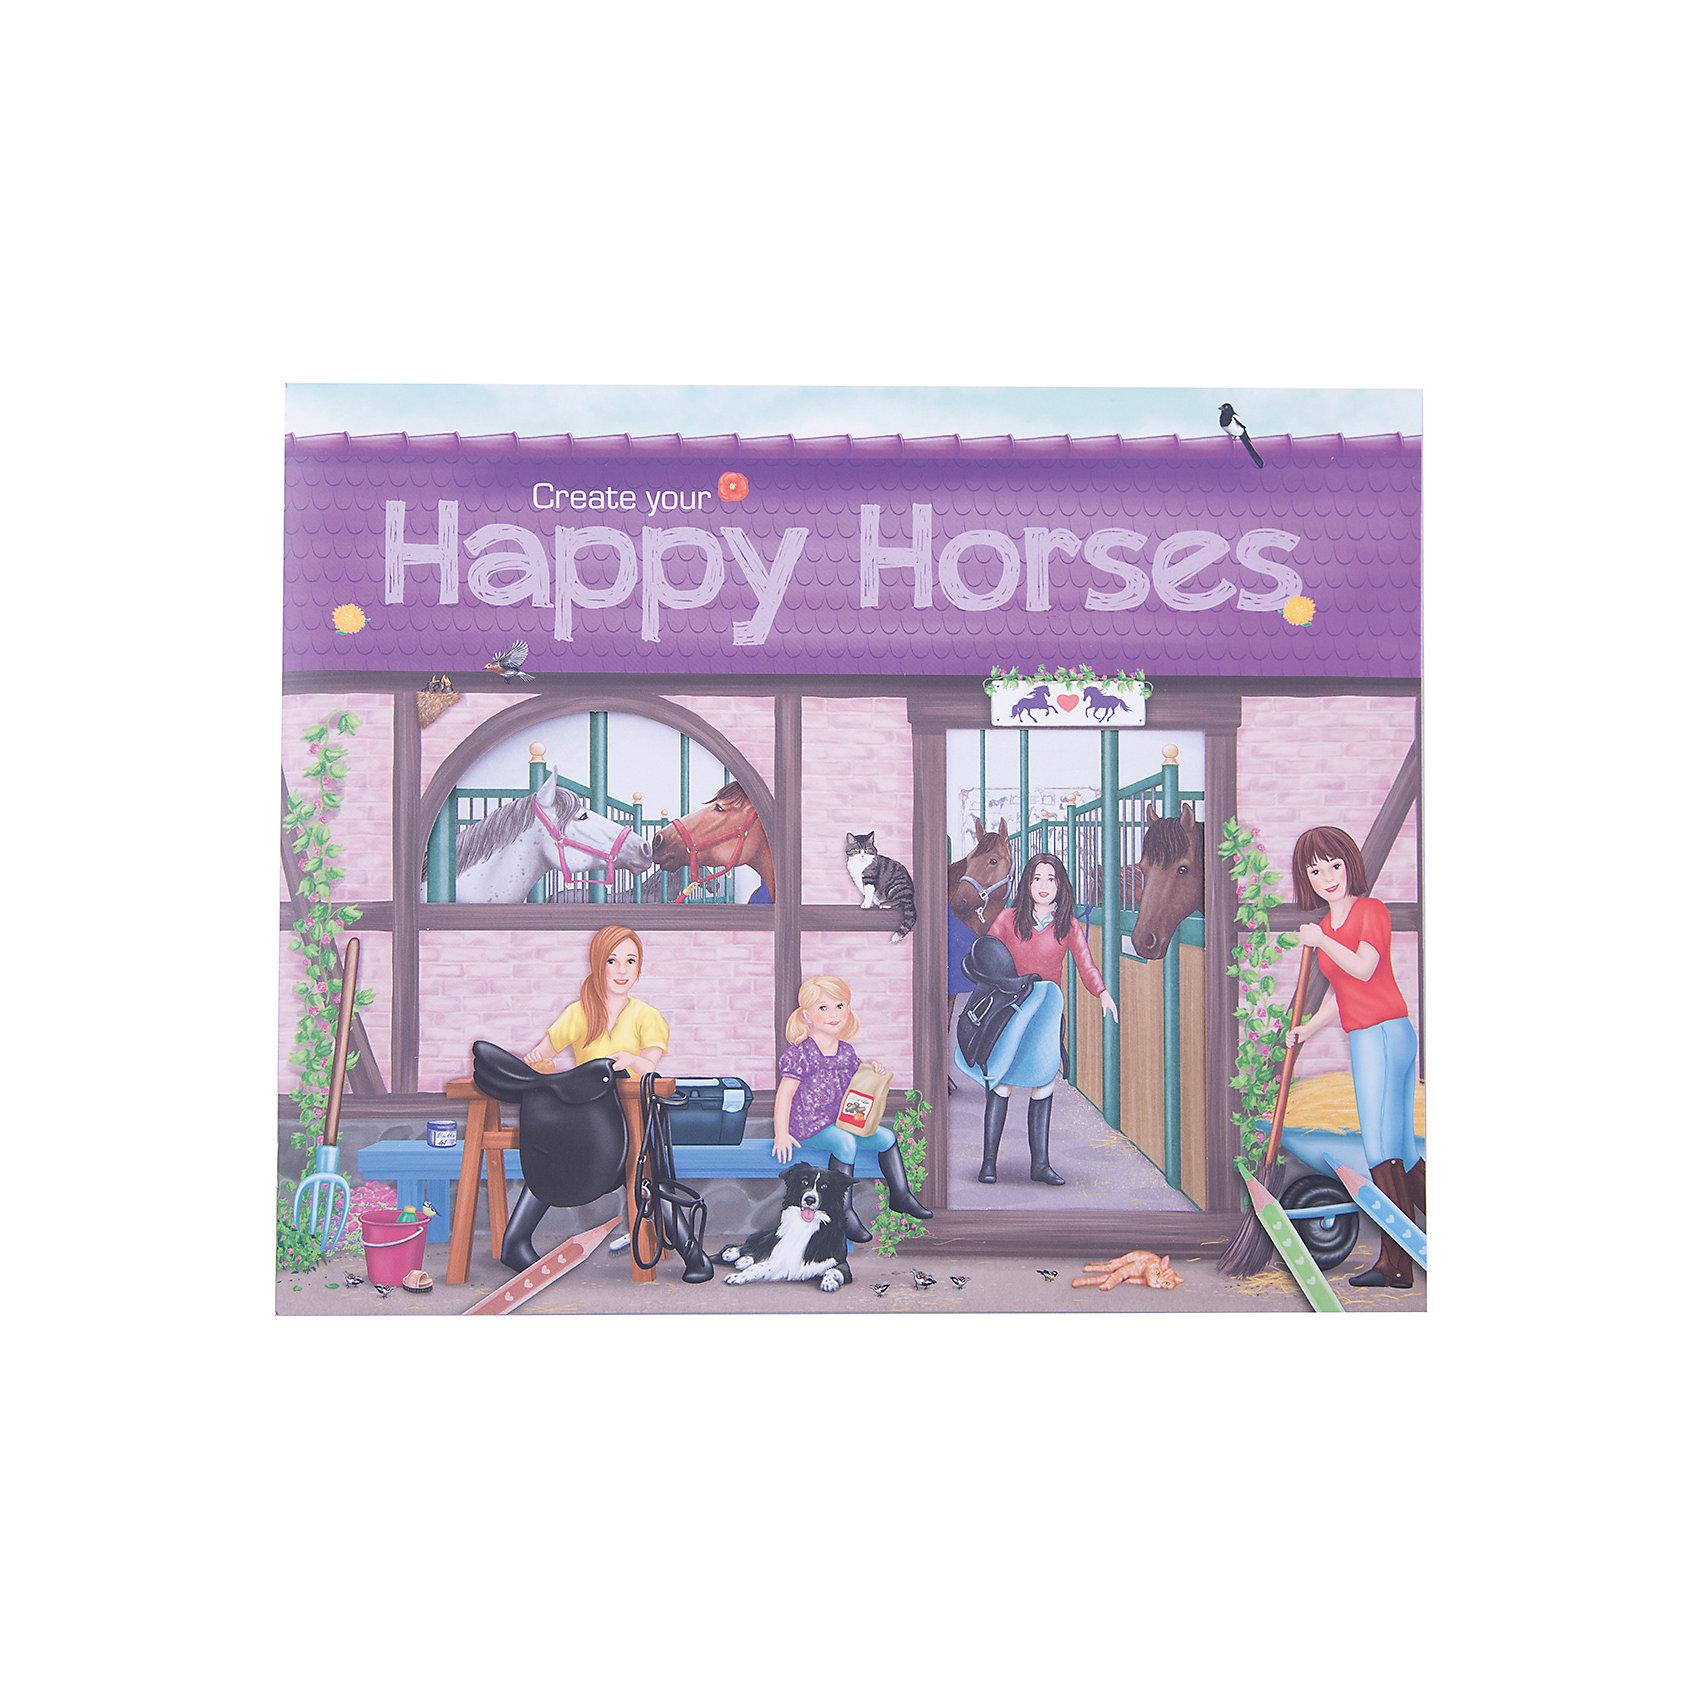 Альбом с наклейками Create your Happy Horses, Creative StudioАльбом с наклейками Create your Happy Horses, Creative Studio<br><br>Характеристики:<br><br>• В комплекте: раскраска, 6 листа с наклейками <br>• Возраст: от 3 до 6 лет<br>• Количество страниц: 32<br><br>Этот альбом из серии CreativeStudio содержит 32 листа с различными сюжетами из мира лошадей. На 6 листах с наклейками ребенок обнаружит вещи, которые помогут сделать этот мир реалистичным и разнообразить игру. Эта книга помогает развитию воображения вашего ребенка и его мелкой моторики. <br><br>Альбом с наклейками Create your Happy Horses, Creative Studio можно купить в нашем интернет-магазине.<br><br>Ширина мм: 268<br>Глубина мм: 301<br>Высота мм: 33<br>Вес г: 285<br>Возраст от месяцев: 36<br>Возраст до месяцев: 1164<br>Пол: Женский<br>Возраст: Детский<br>SKU: 3296282